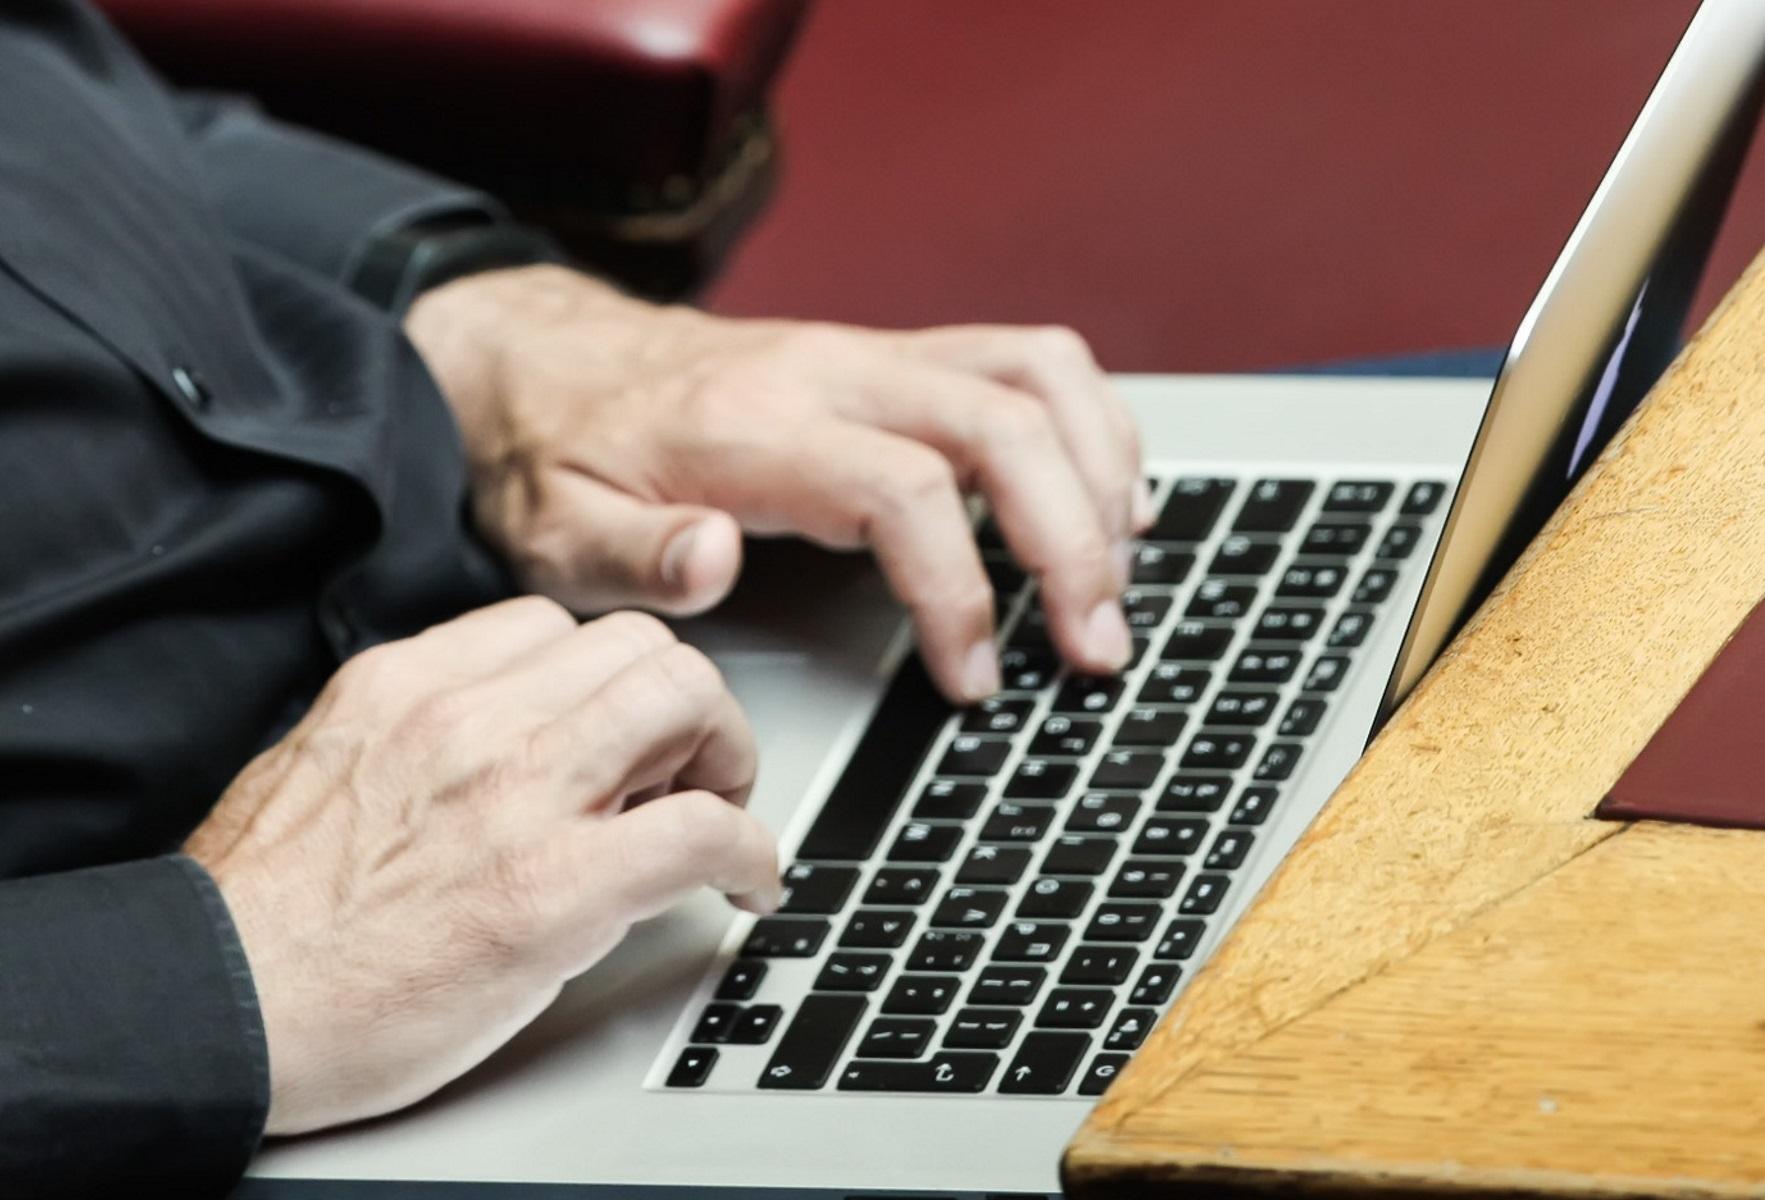 Κορονοϊός: Έτσι θα καθαρίσετε σωστά κινητό τηλέφωνο και laptop